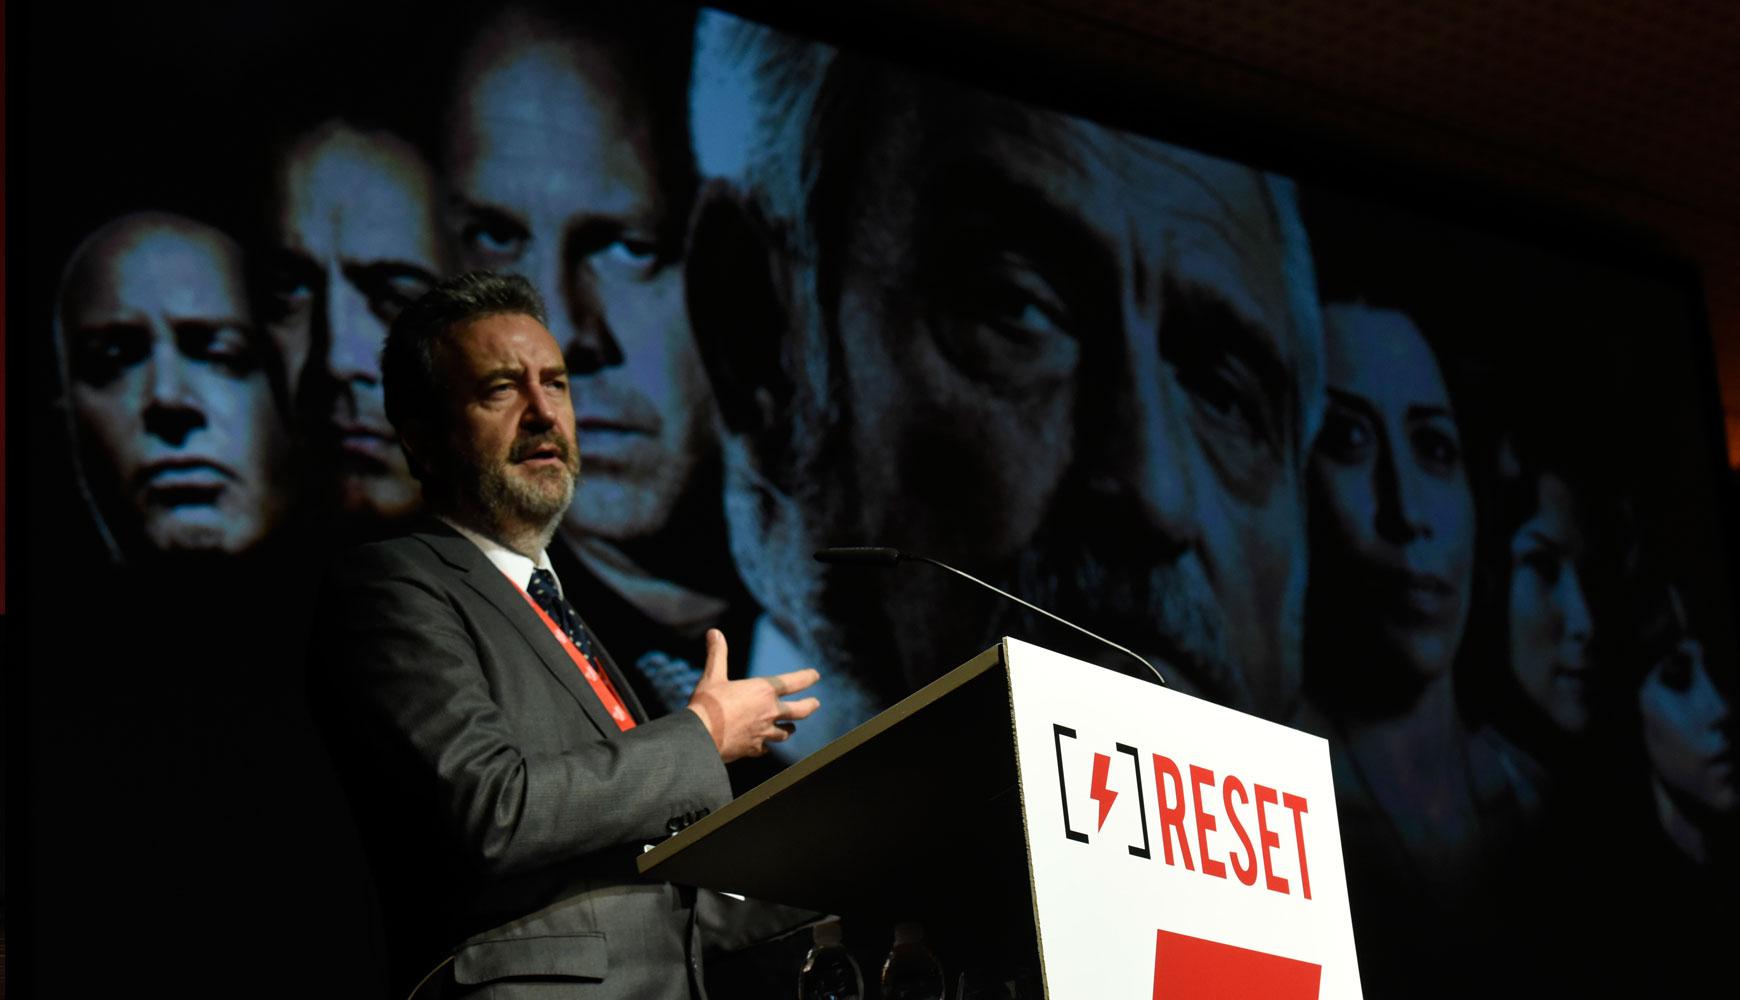 Se clausura el XX Congreso Nacional de Jóvenes Empresarios celebrado en Marbella